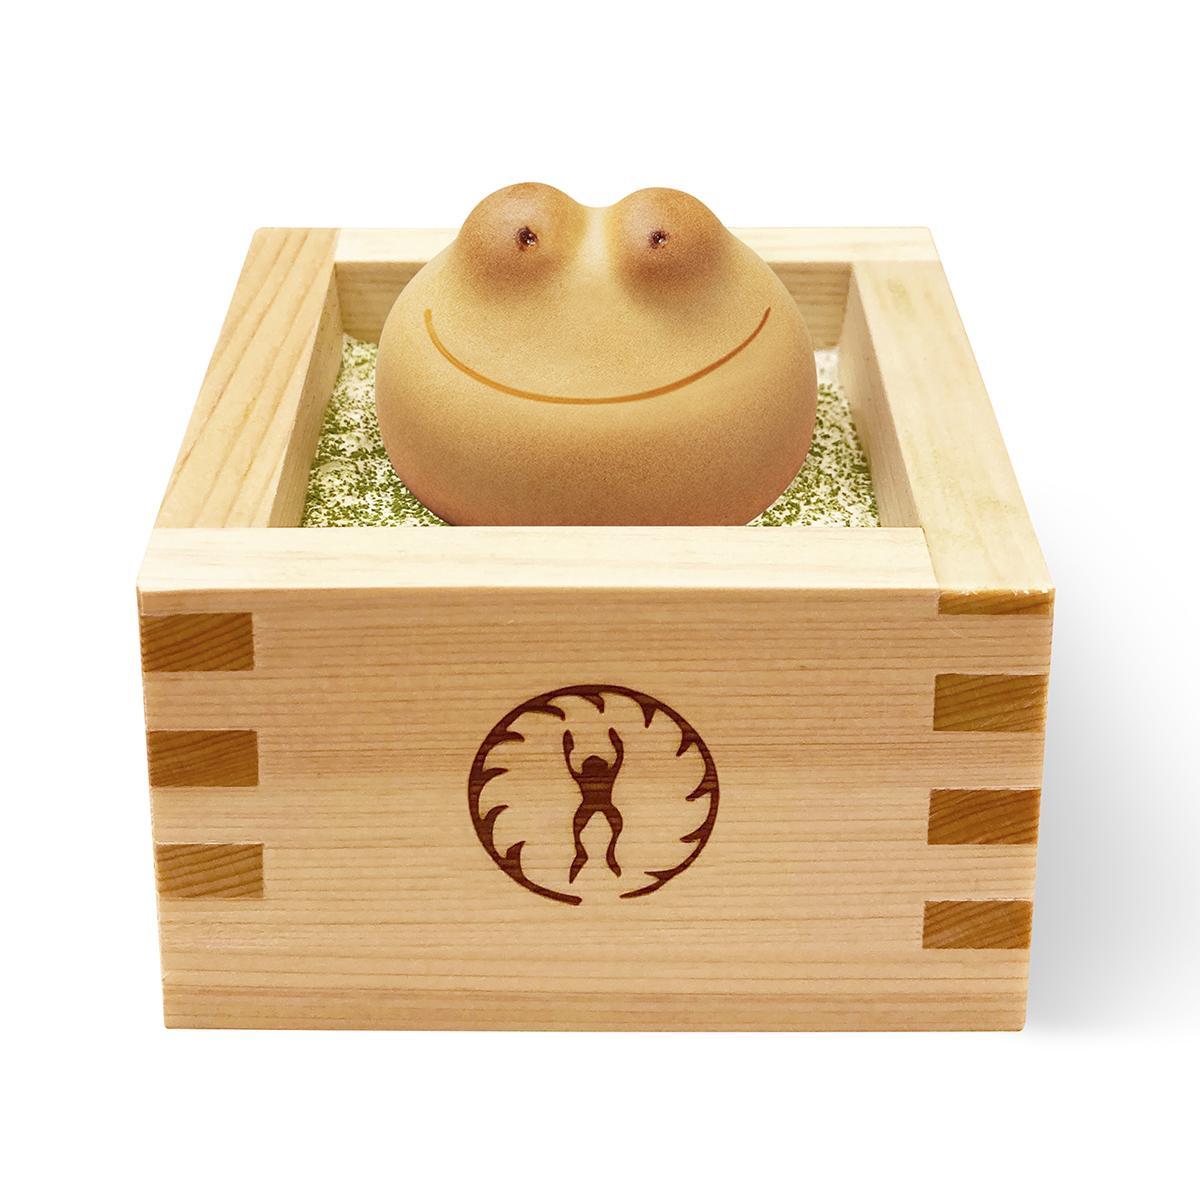 青柳総本家のマークの焼き印入りのヒノキの升を使うスイーツ「カエルのひのき風呂」